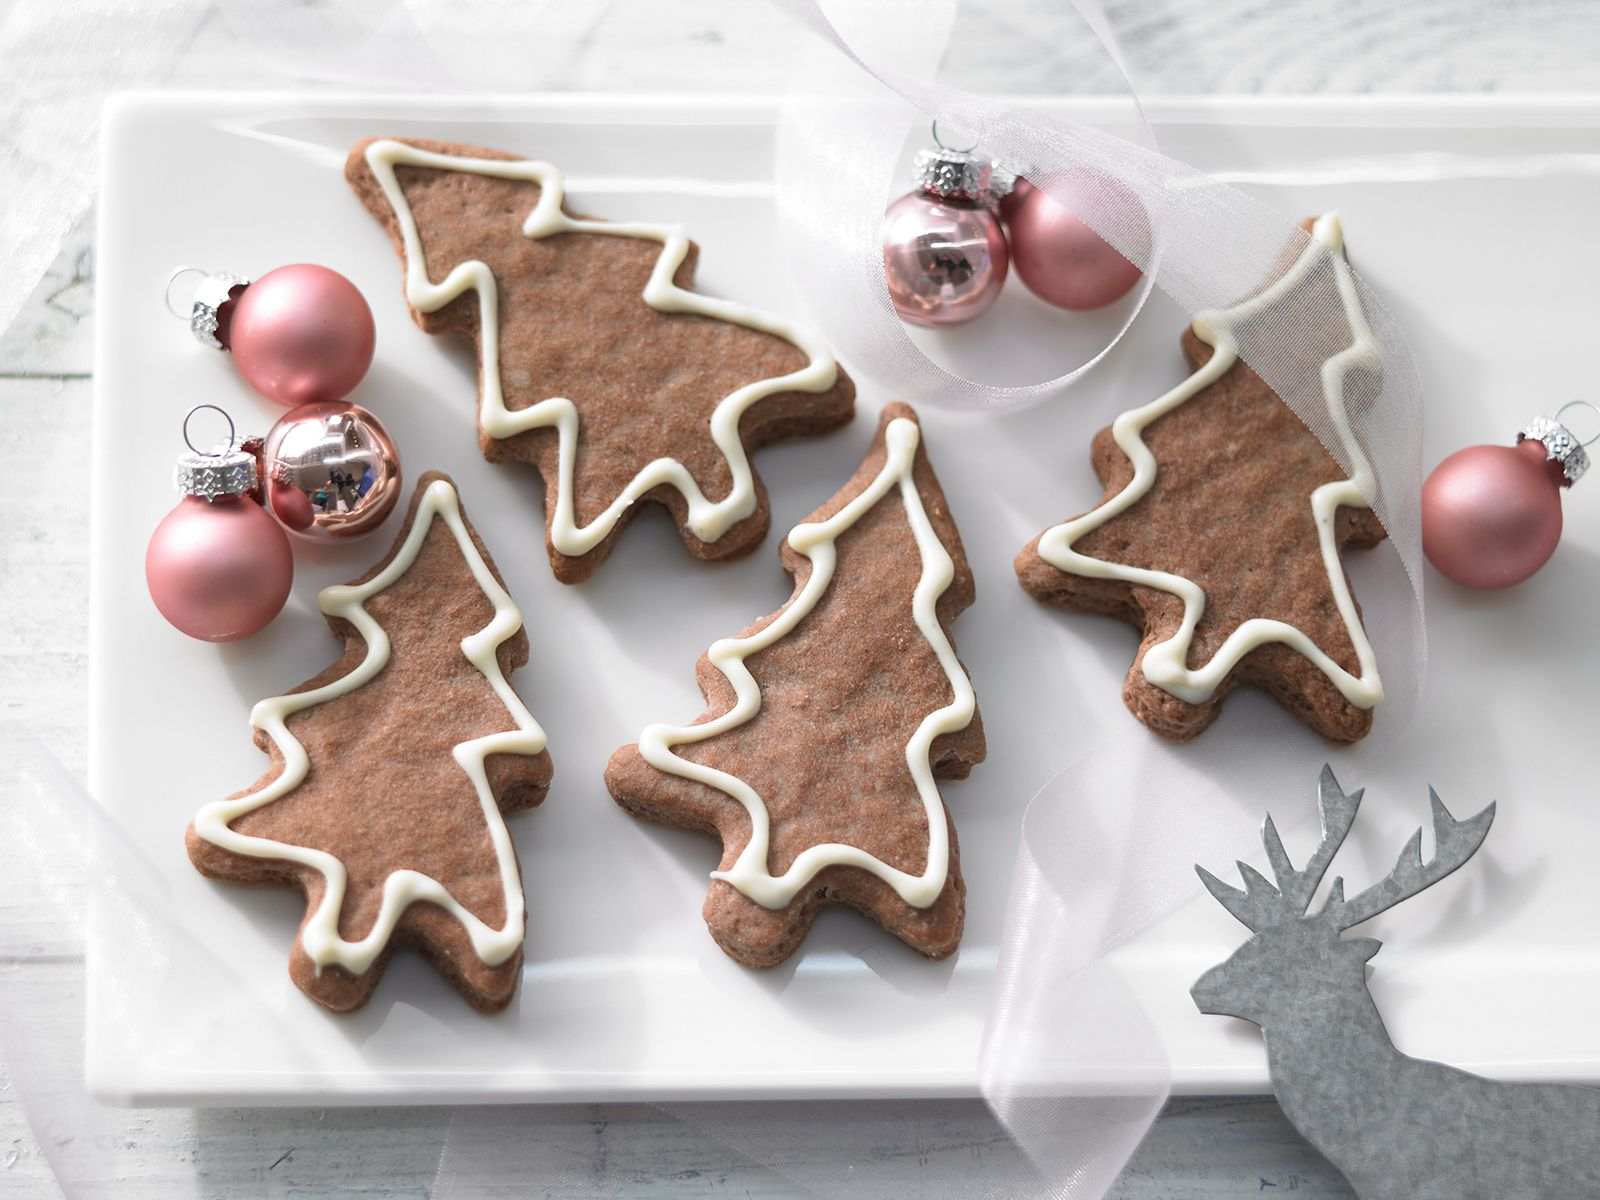 Ich Koche Weihnachtskekse.Tannenbäume Mit Schokoschnee